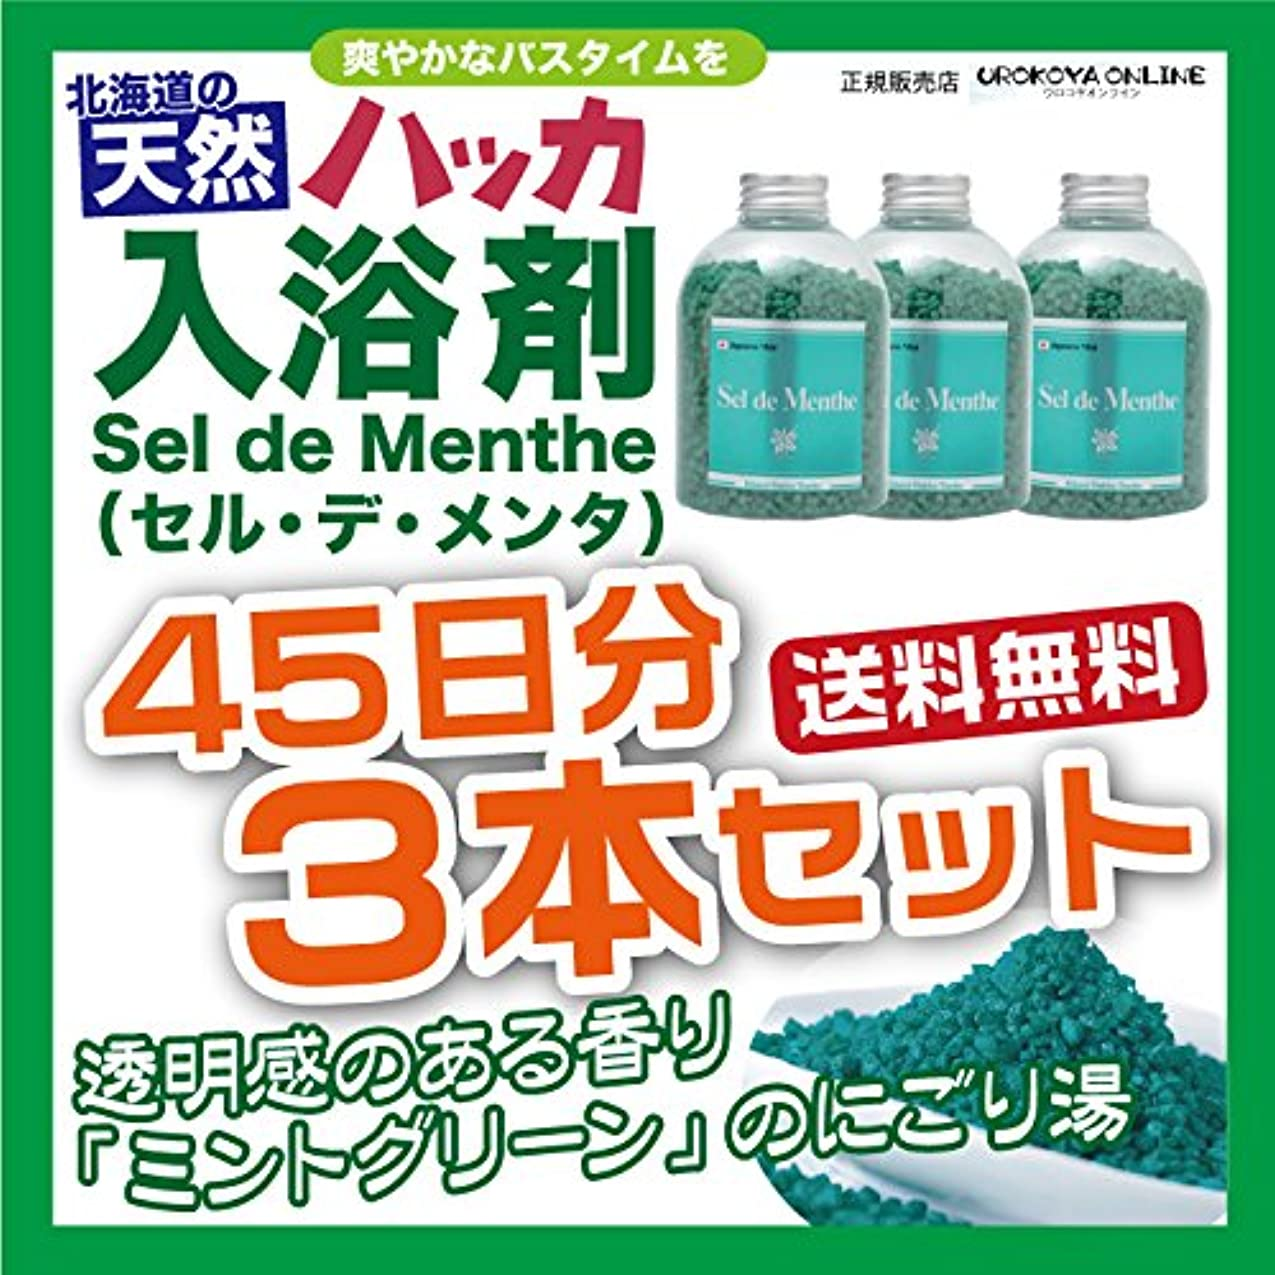 マナー懺悔めまいが【3本セット】北見ハッカ通商 入浴剤Sel de Menthe(セル?デ?メンタ)徳用ボトル 3本セット 1350g